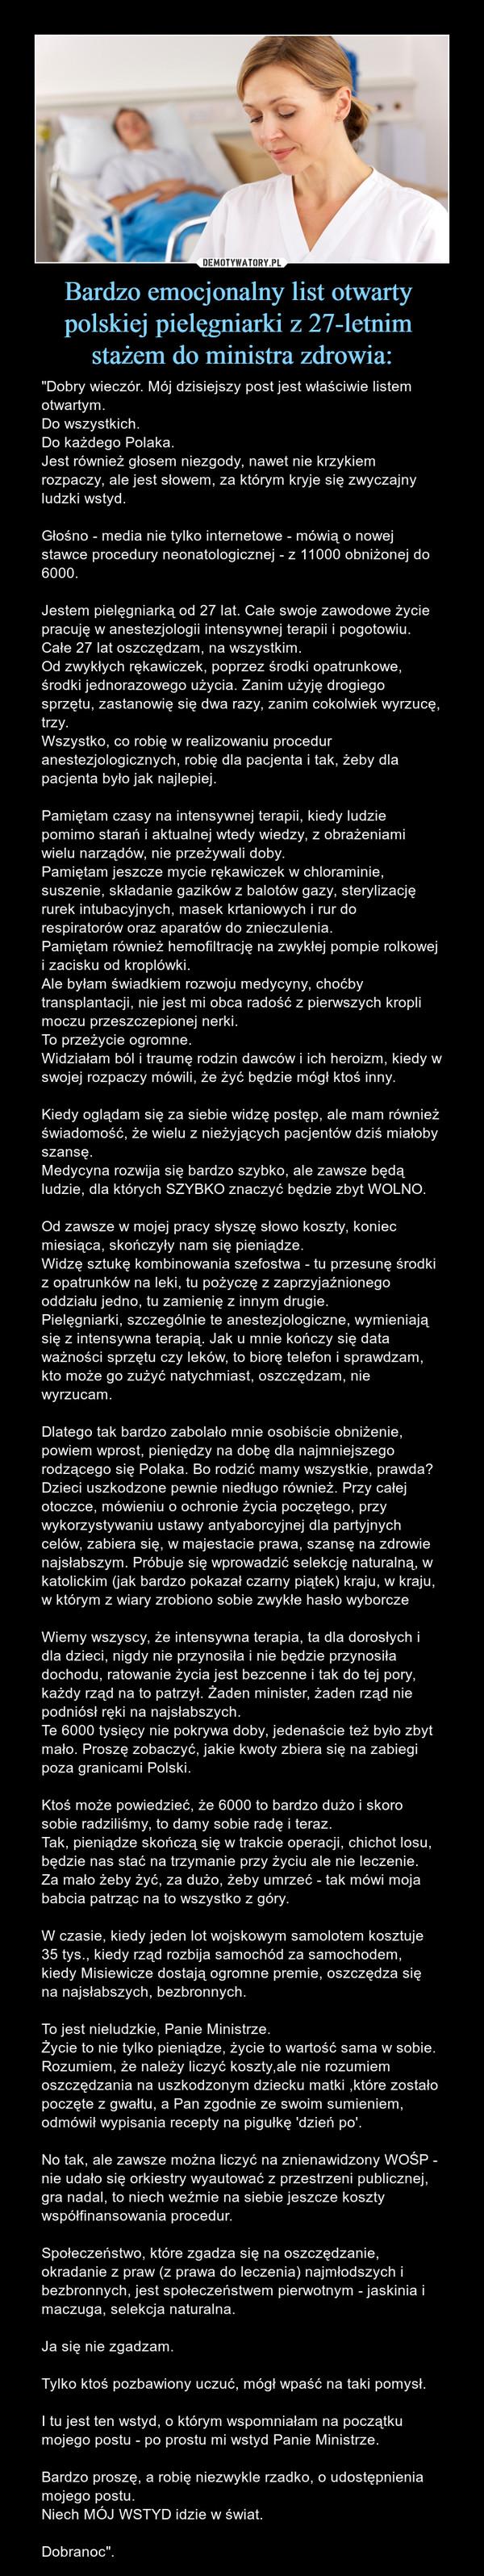 """Bardzo emocjonalny list otwarty polskiej pielęgniarki z 27-letnim stażem do ministra zdrowia: – """"Dobry wieczór. Mój dzisiejszy post jest właściwie listem otwartym.Do wszystkich.Do każdego Polaka.Jest również głosem niezgody, nawet nie krzykiem rozpaczy, ale jest słowem, za którym kryje się zwyczajny ludzki wstyd.Głośno - media nie tylko internetowe - mówią o nowej stawce procedury neonatologicznej - z 11000 obniżonej do 6000.Jestem pielęgniarką od 27 lat. Całe swoje zawodowe życie pracuję w anestezjologii intensywnej terapii i pogotowiu.Całe 27 lat oszczędzam, na wszystkim.Od zwykłych rękawiczek, poprzez środki opatrunkowe, środki jednorazowego użycia. Zanim użyję drogiego sprzętu, zastanowię się dwa razy, zanim cokolwiek wyrzucę, trzy.Wszystko, co robię w realizowaniu procedur anestezjologicznych, robię dla pacjenta i tak, żeby dla pacjenta było jak najlepiej.Pamiętam czasy na intensywnej terapii, kiedy ludzie pomimo starań i aktualnej wtedy wiedzy, z obrażeniami wielu narządów, nie przeżywali doby.Pamiętam jeszcze mycie rękawiczek w chloraminie, suszenie, składanie gazików z balotów gazy, sterylizację rurek intubacyjnych, masek krtaniowych i rur do respiratorów oraz aparatów do znieczulenia.Pamiętam również hemofiltrację na zwykłej pompie rolkowej i zacisku od kroplówki.Ale byłam świadkiem rozwoju medycyny, choćby transplantacji, nie jest mi obca radość z pierwszych kropli moczu przeszczepionej nerki.To przeżycie ogromne.Widziałam ból i traumę rodzin dawców i ich heroizm, kiedy w swojej rozpaczy mówili, że żyć będzie mógł ktoś inny.Kiedy oglądam się za siebie widzę postęp, ale mam również świadomość, że wielu z nieżyjących pacjentów dziś miałoby szansę.Medycyna rozwija się bardzo szybko, ale zawsze będą ludzie, dla których SZYBKO znaczyć będzie zbyt WOLNO.Od zawsze w mojej pracy słyszę słowo koszty, koniec miesiąca, skończyły nam się pieniądze.Widzę sztukę kombinowania szefostwa - tu przesunę środki z opatrunków na leki, tu pożyczę z zaprzyjaźnionego oddziału jedn"""